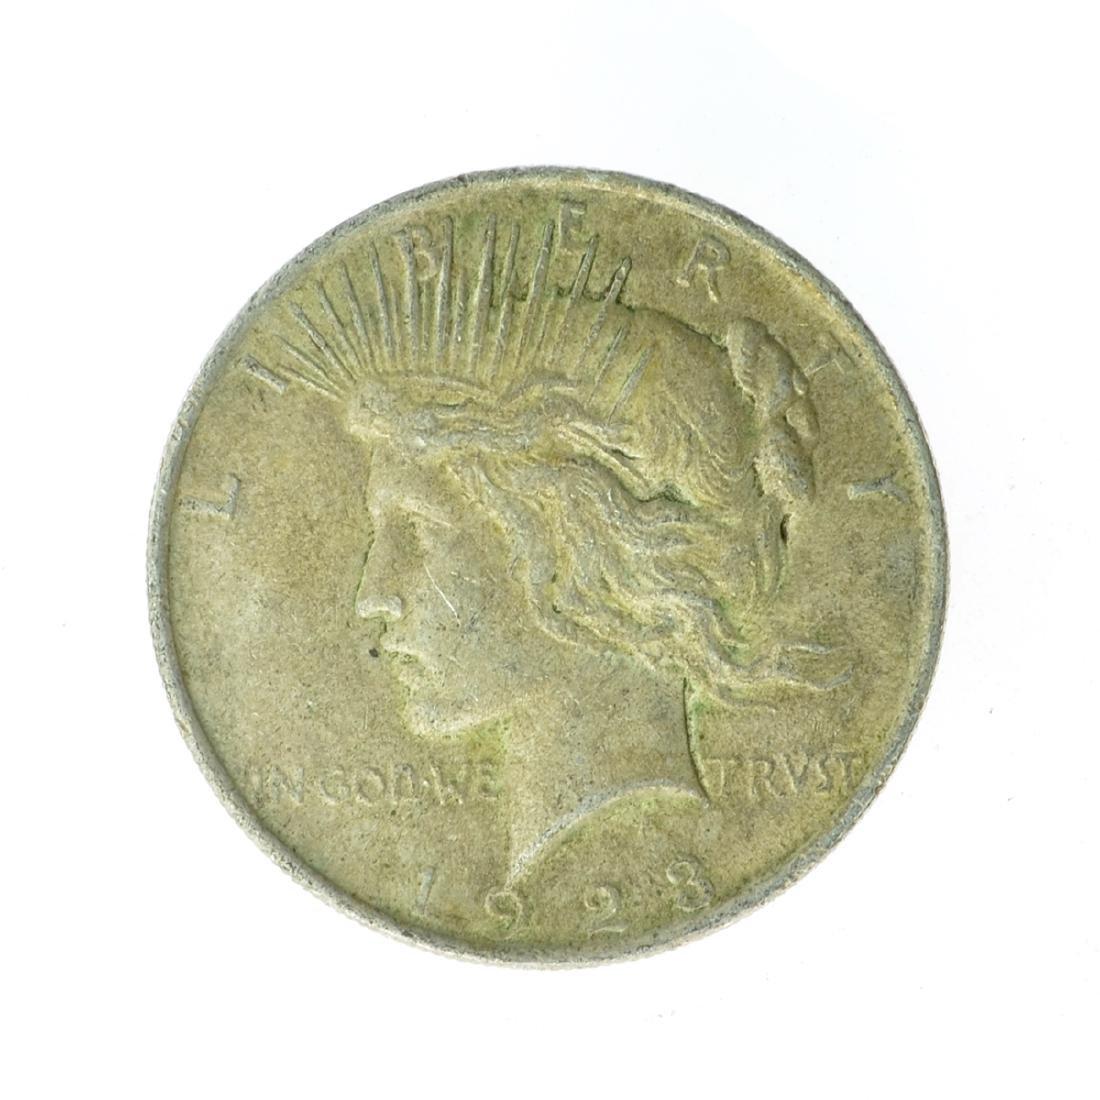 1923 Peace Silver Dollar Coin